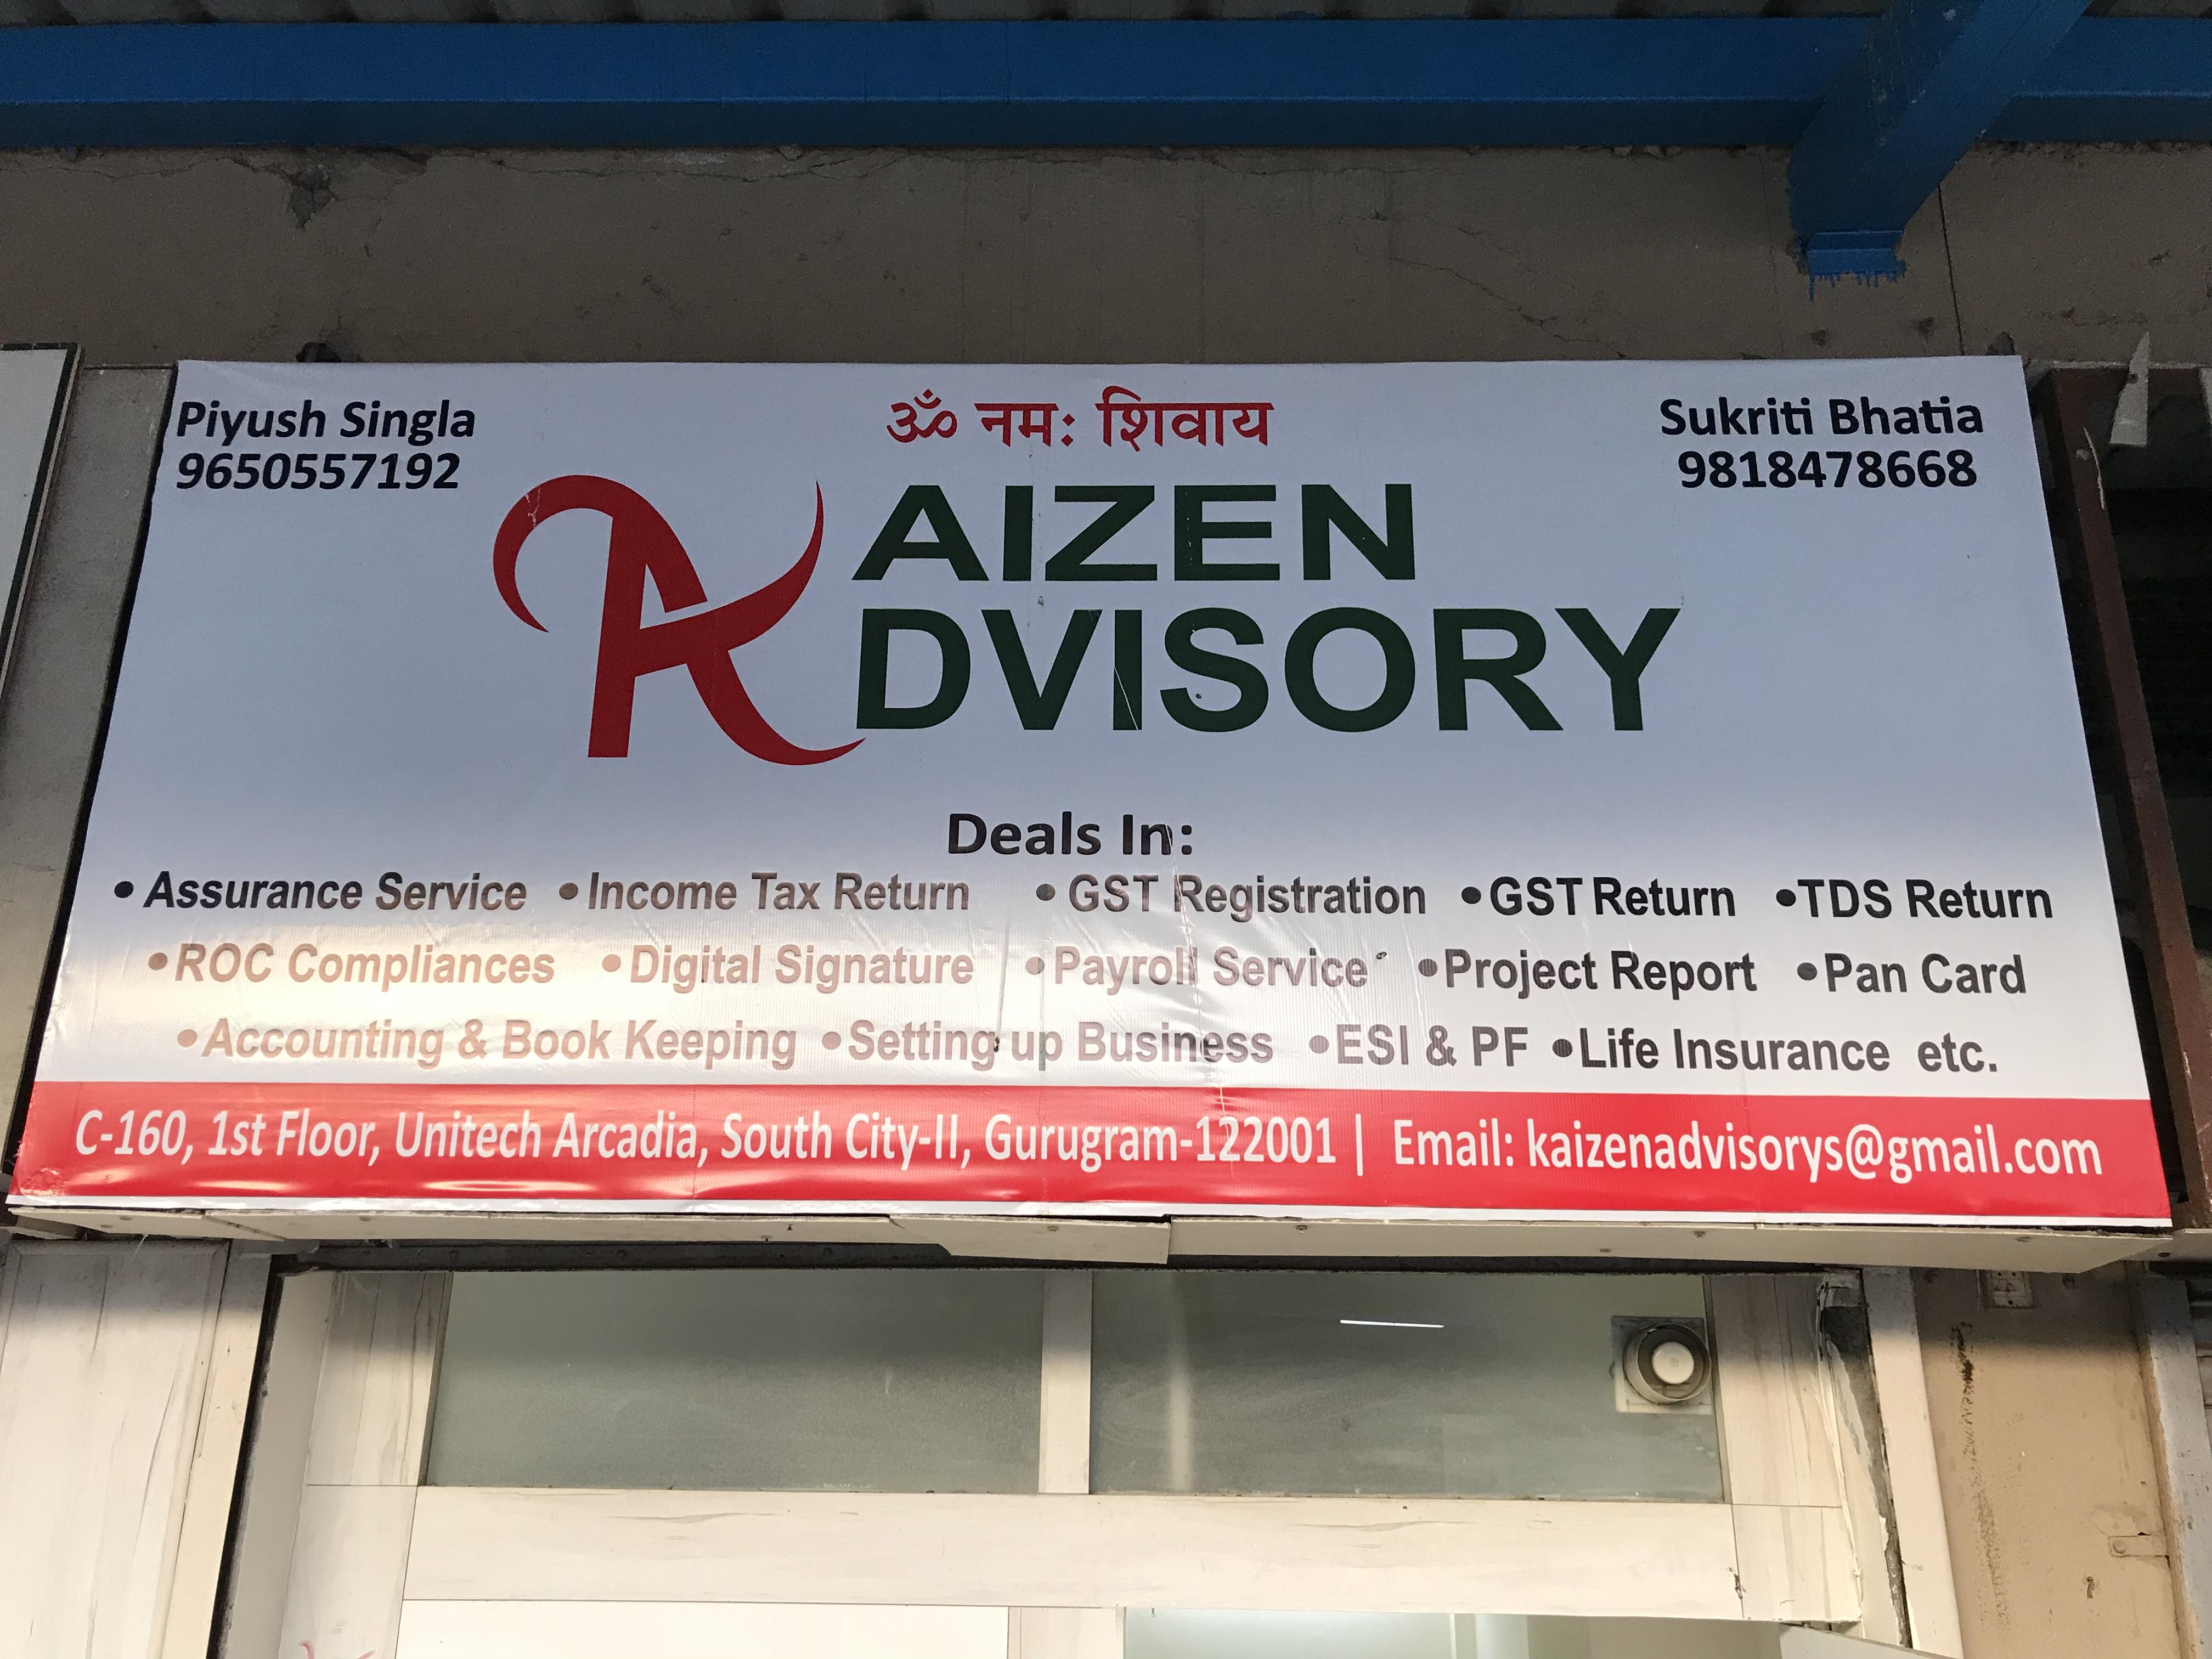 Kaizen Advisory in South City II, Gurgaon-122001   Sulekha